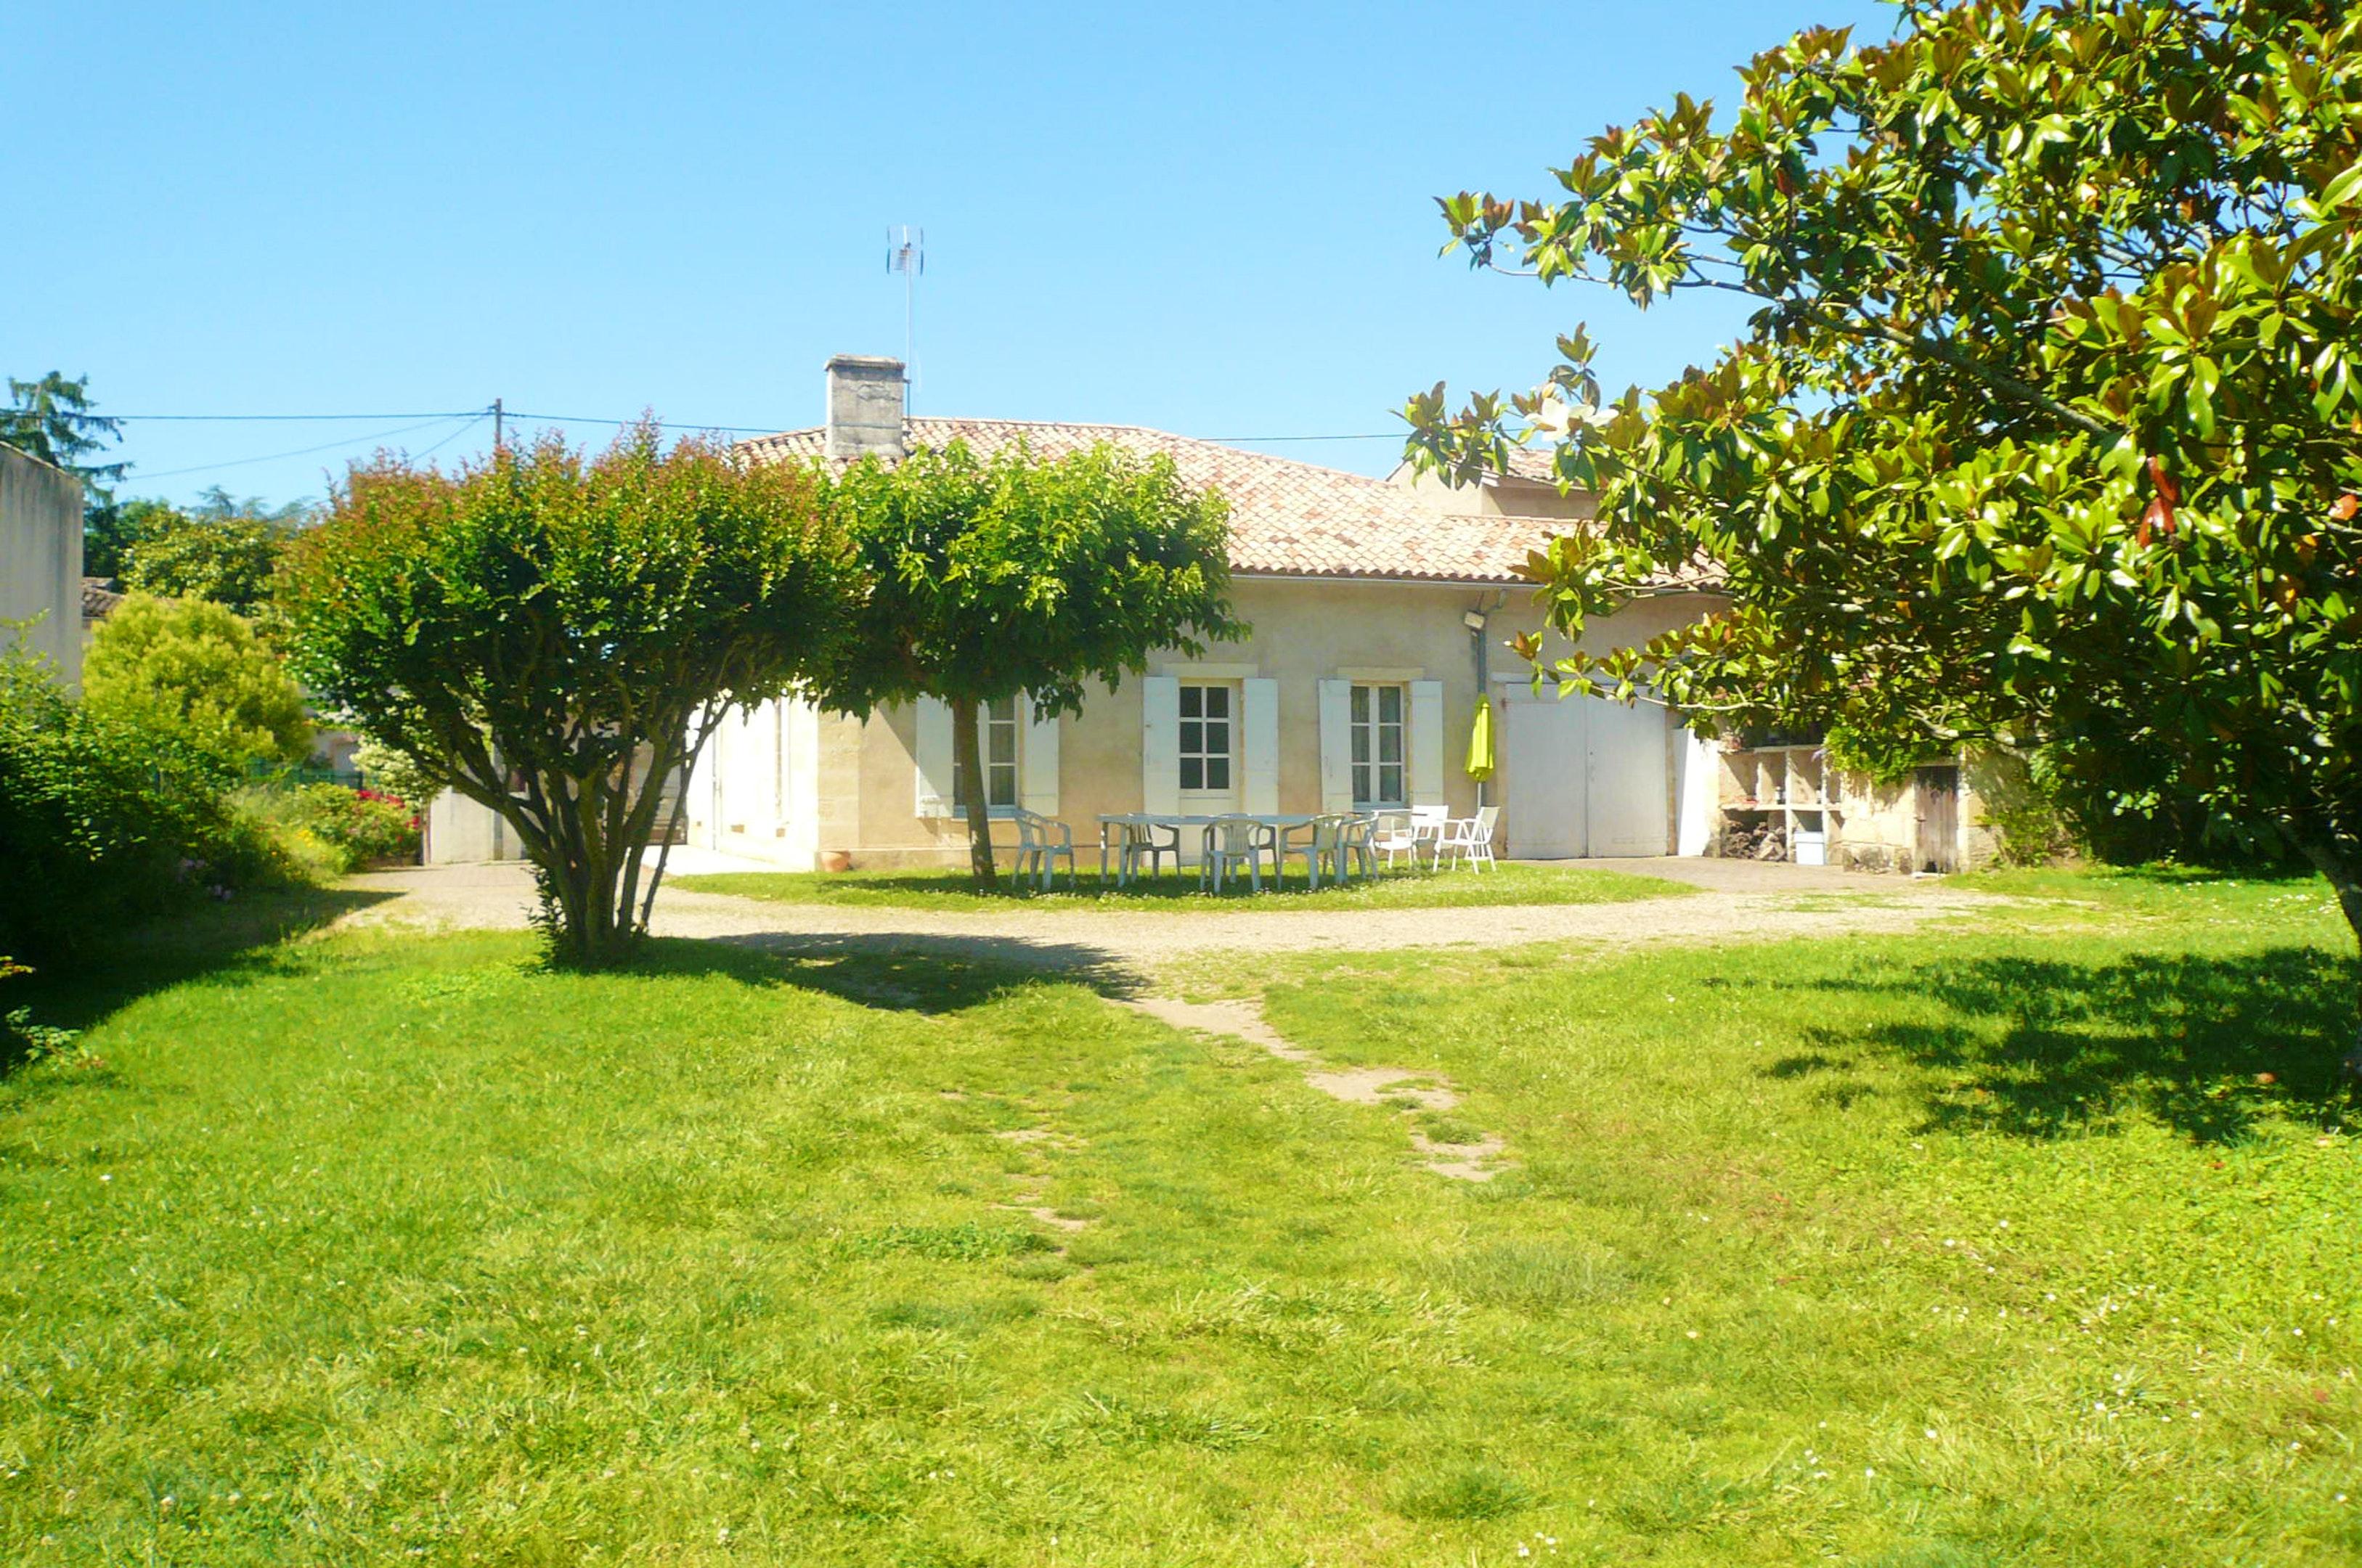 Maison de vacances Haus mit 4 Schlafzimmern in Castillon-la-Bataille mit eingezäuntem Garten und W-LAN - 85 k (2271453), Castillon la Bataille, Gironde, Aquitaine, France, image 20